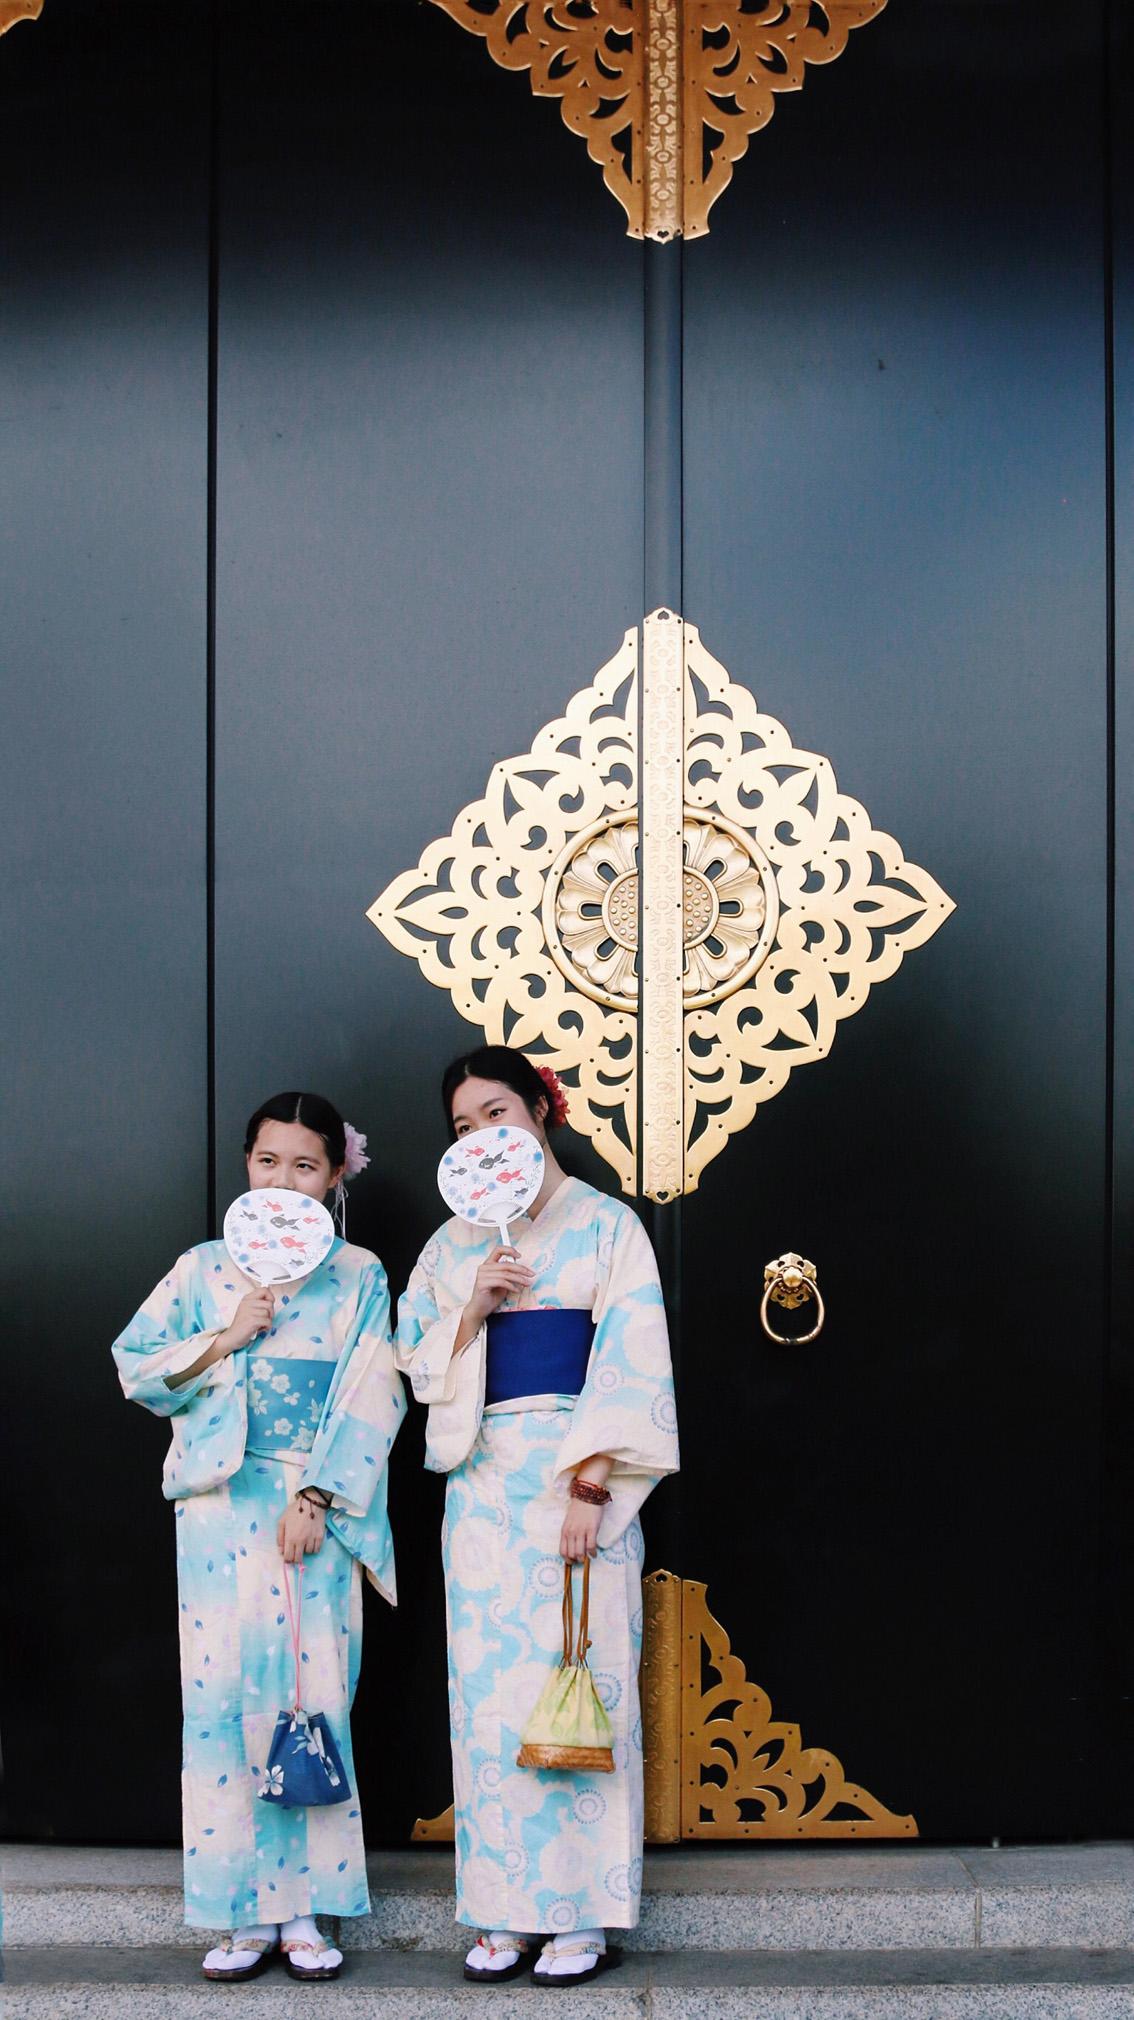 13 Giappotour 5: Tokyo, Sensō-ji Temple & Odaiba.